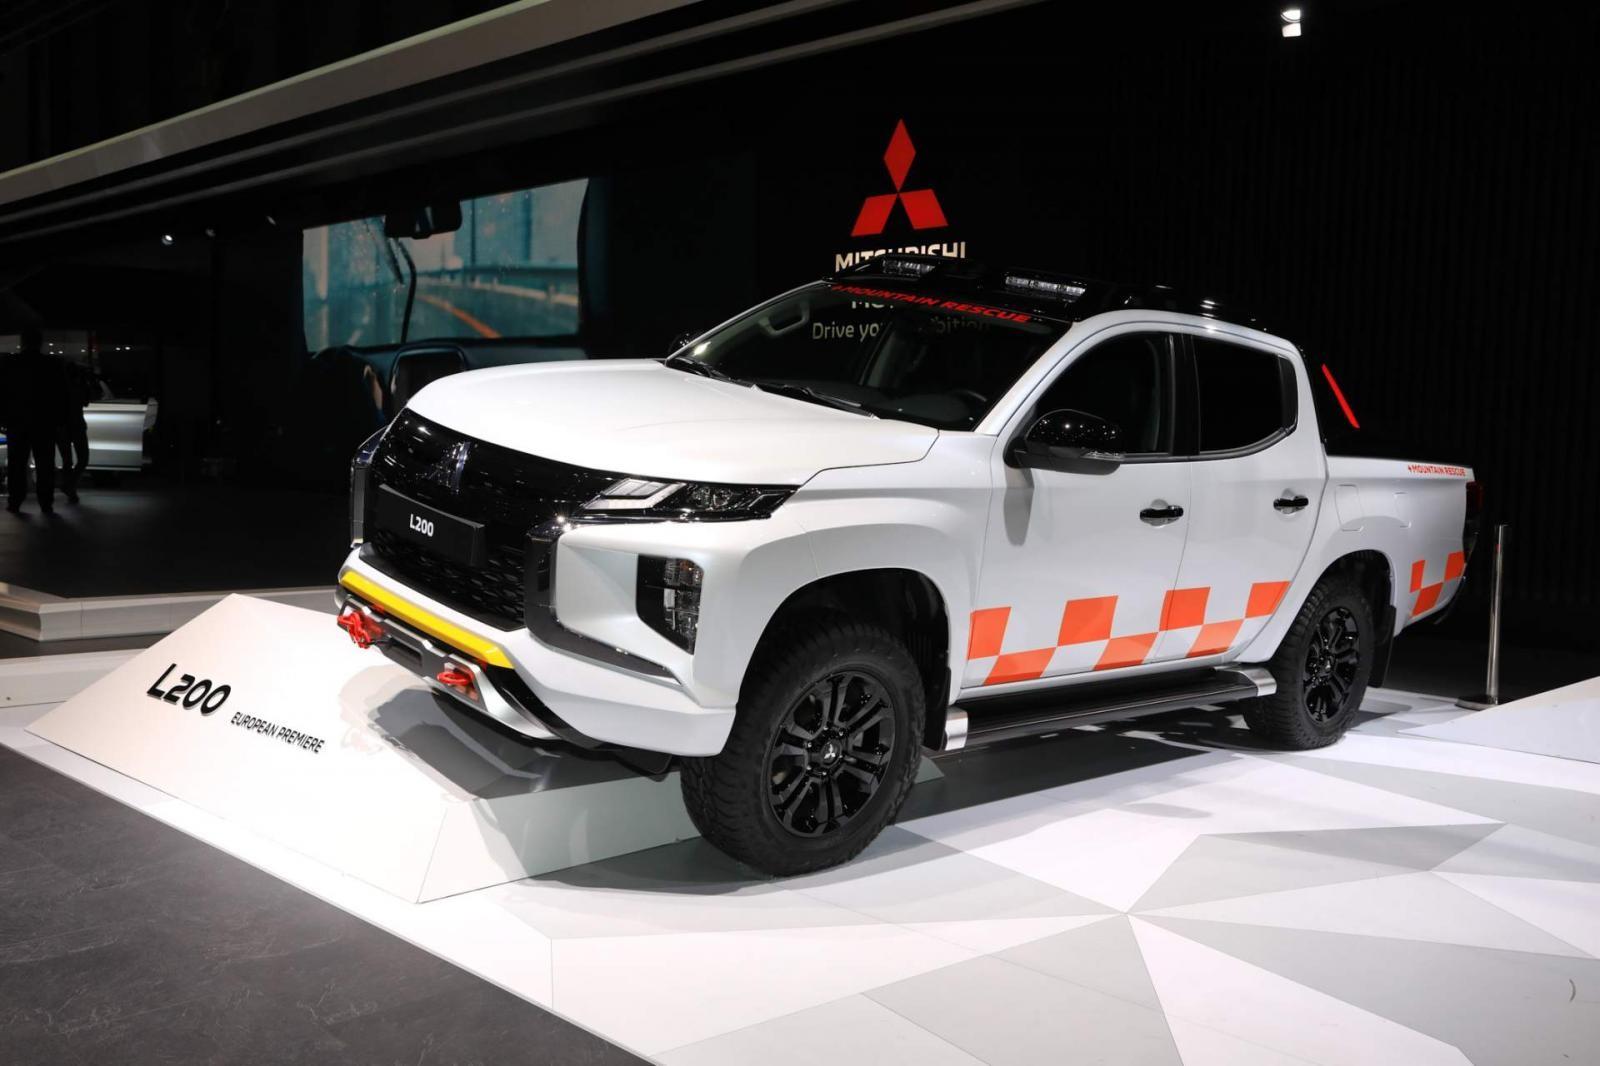 Mitsubishi L200 (Triton) 2019 đã chính thức được ra mắt tại thị trường Châu Âu trong khuôn khổ triển lãm Geneva Motor Show 2019